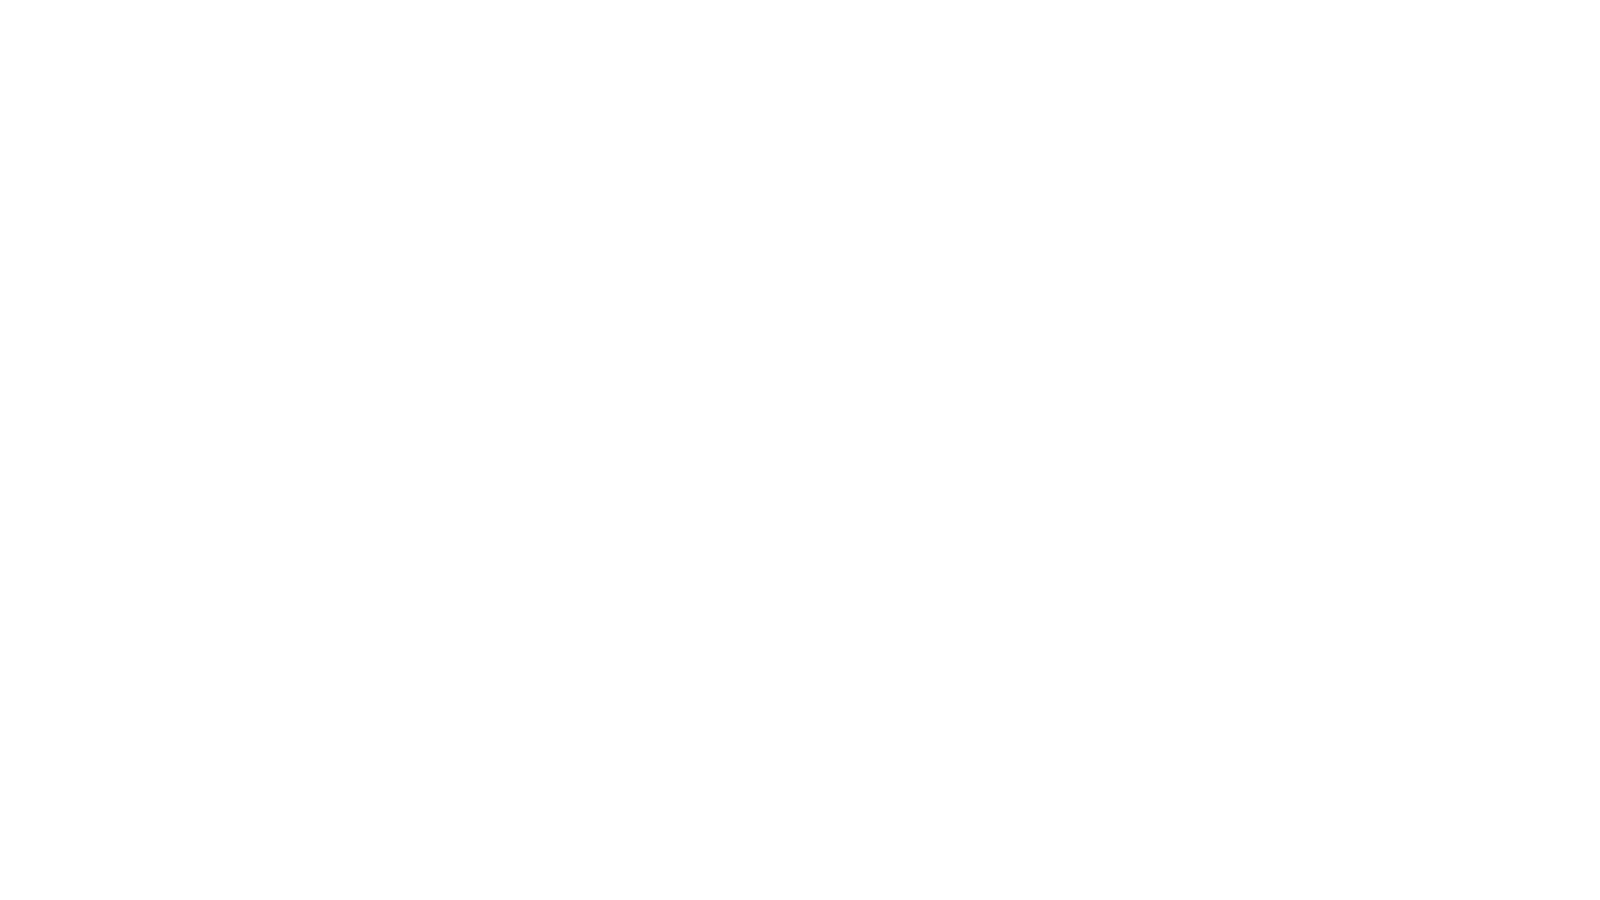 """""""Žiadny biskup ani kňaz sa nestane svätým bez Božieho ľudu"""" sú slová filipínskeho biskupa Mons. Raul Dael. Prinášame Vám úryvok z kázne, ktorú predniesol Mons. Raul Dael na Zelený štvrtok 2021 v omši svätenia olejov (Missa chrismatis)."""